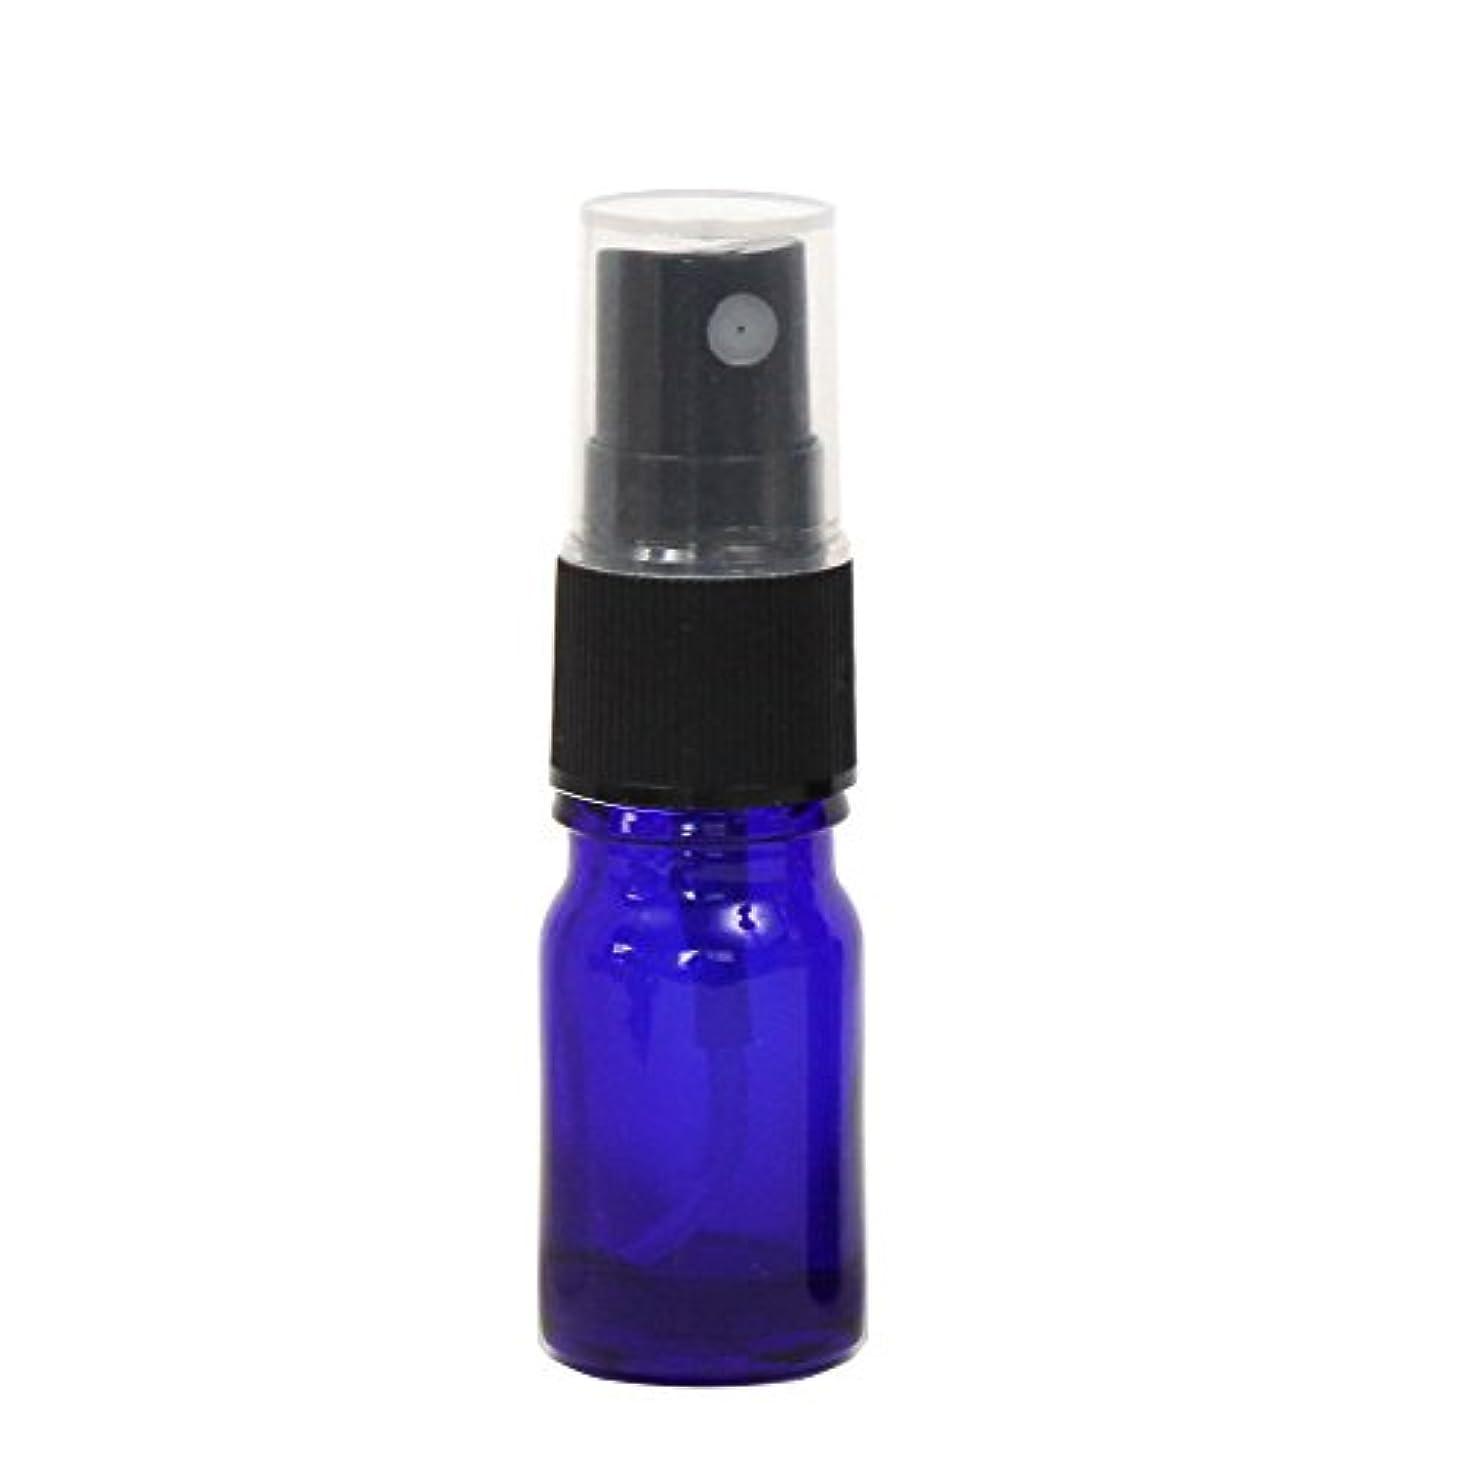 固有の割り当てます第五スプレーガラス瓶ボトル 5mL 遮光性ブルー おしゃれガラスアトマイザー 空容器